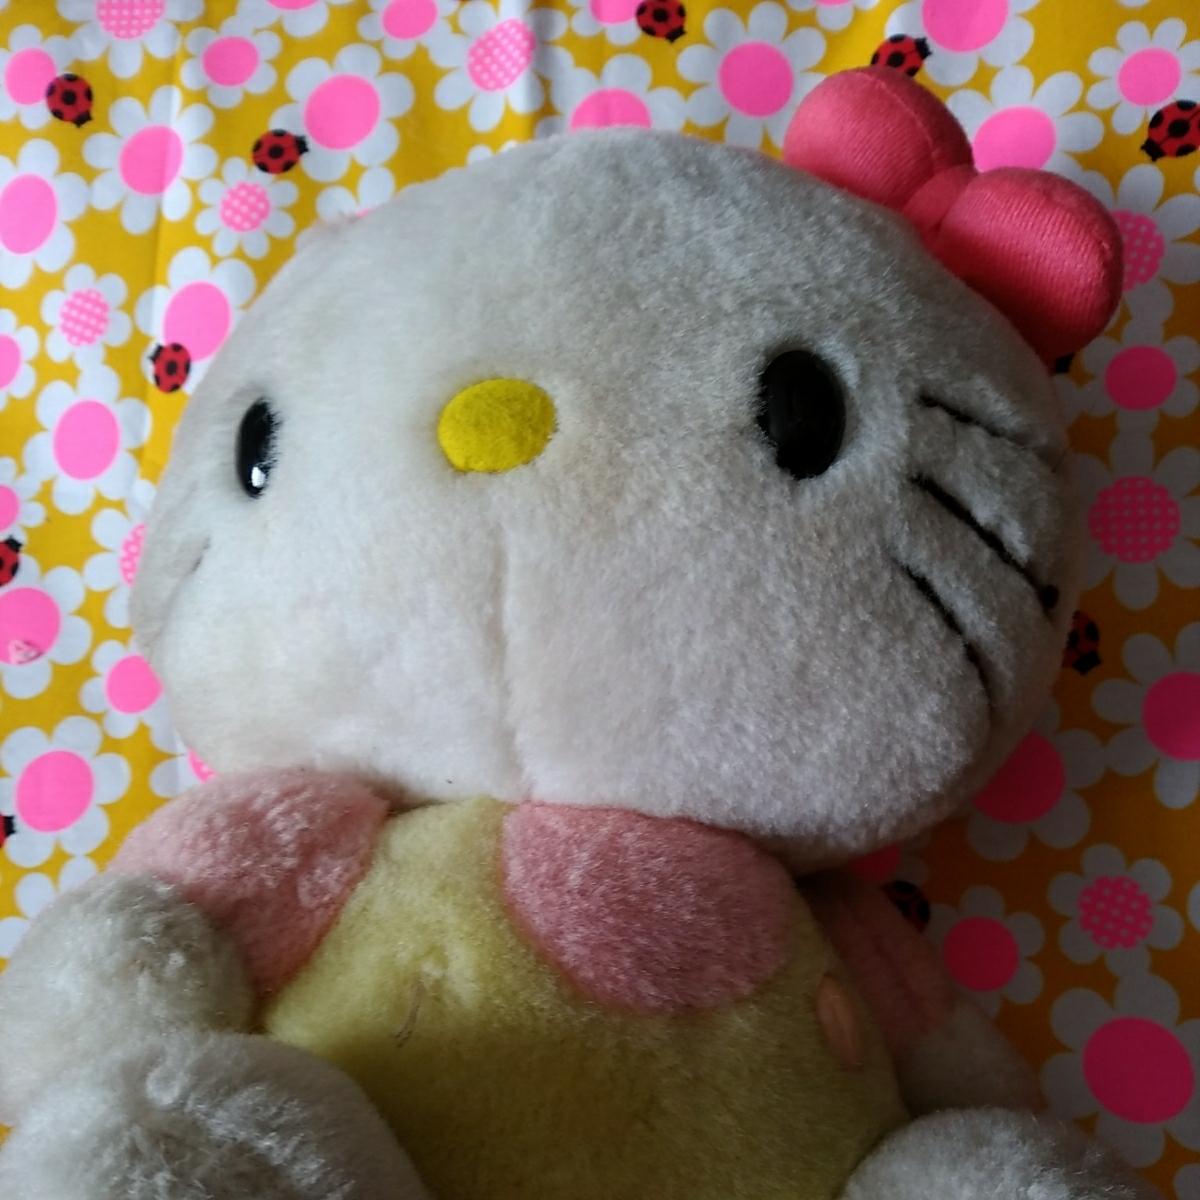 年代物 当時物 昭和 レトロ サンリオ キティ 希少 ぬいぐるみ 人形 30cm 難あり コレクション コレクター 日本製_画像2